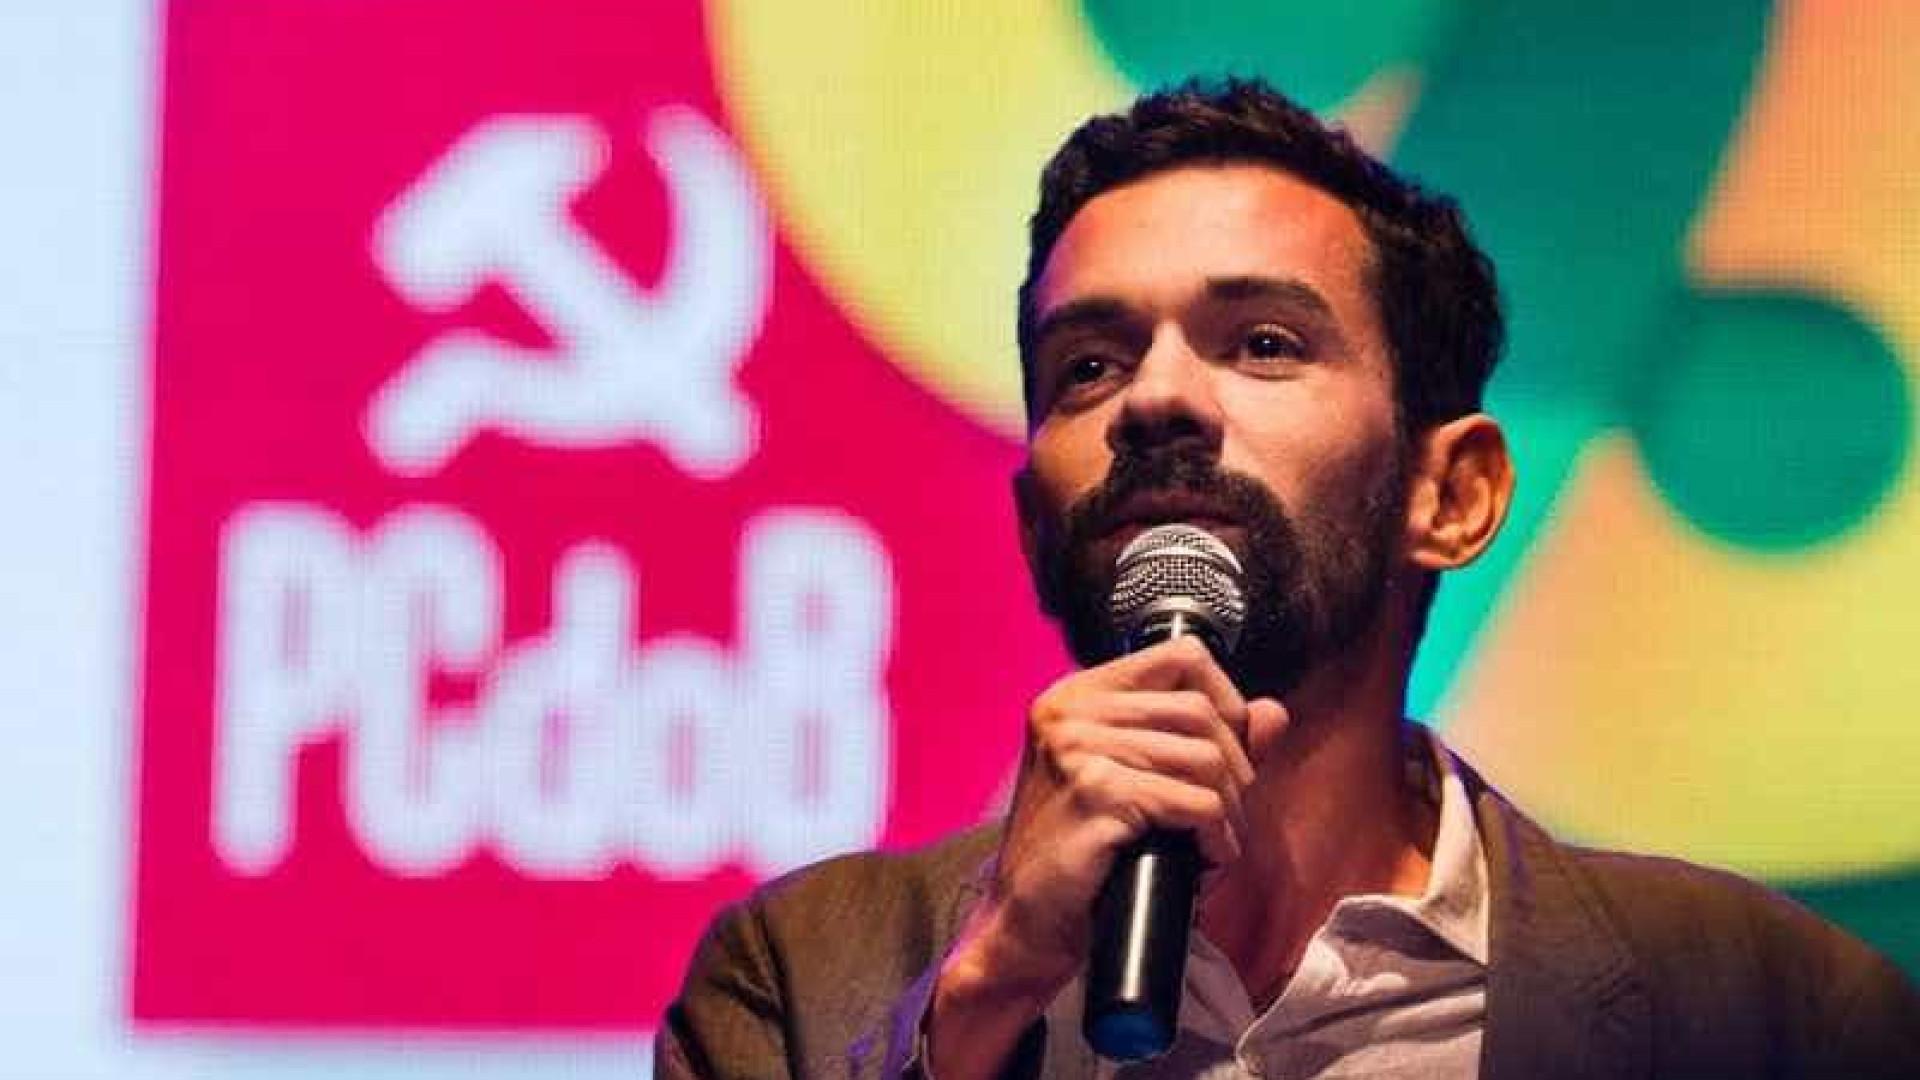 PC do B apoiou Cabral para sustentar governos do PT, diz pré-candidato